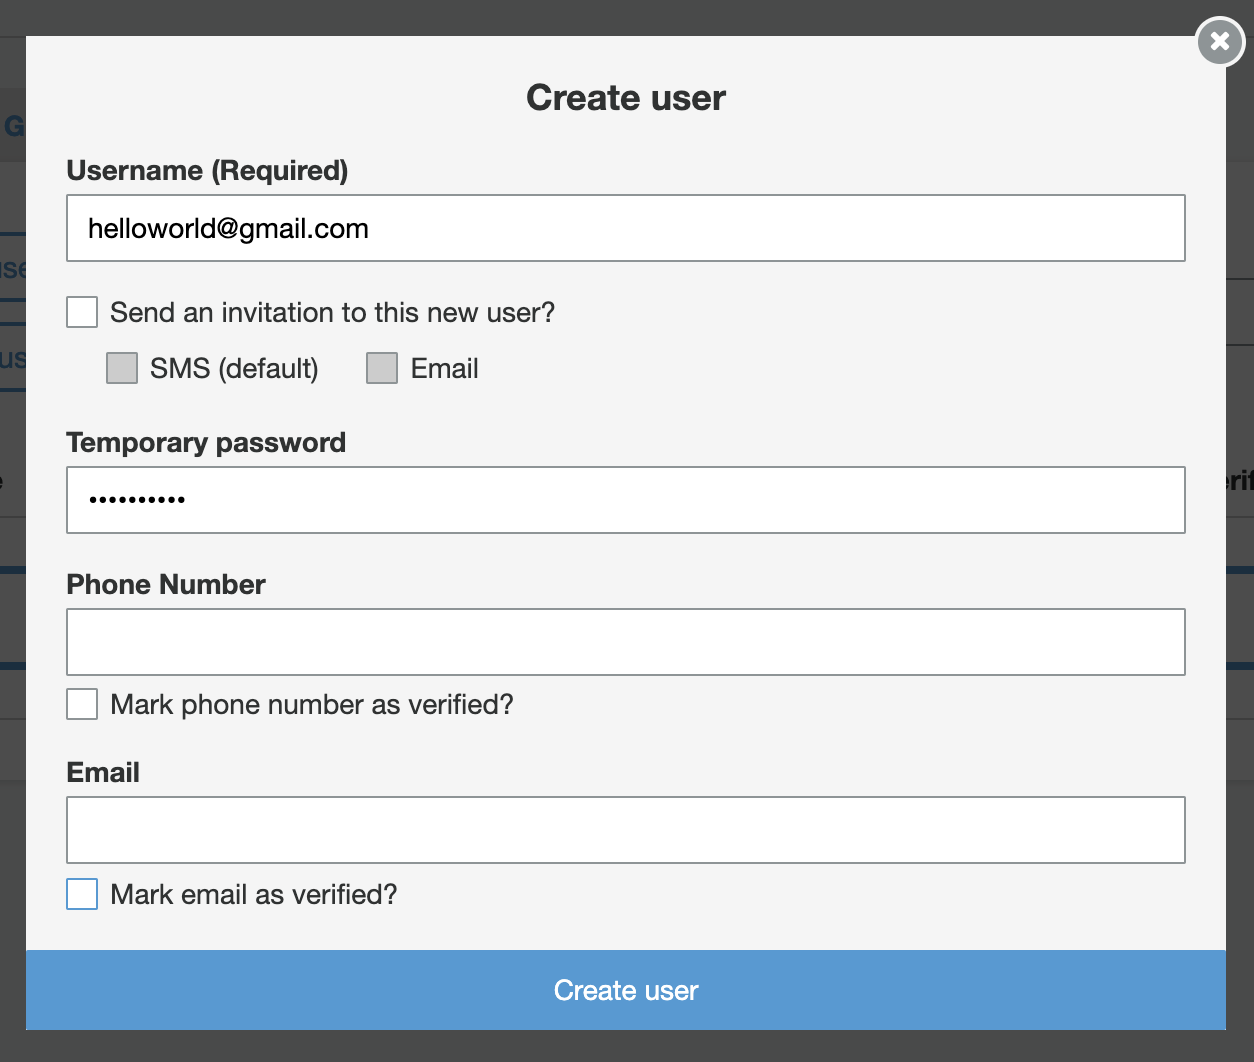 appsync-cognito-create-user-input